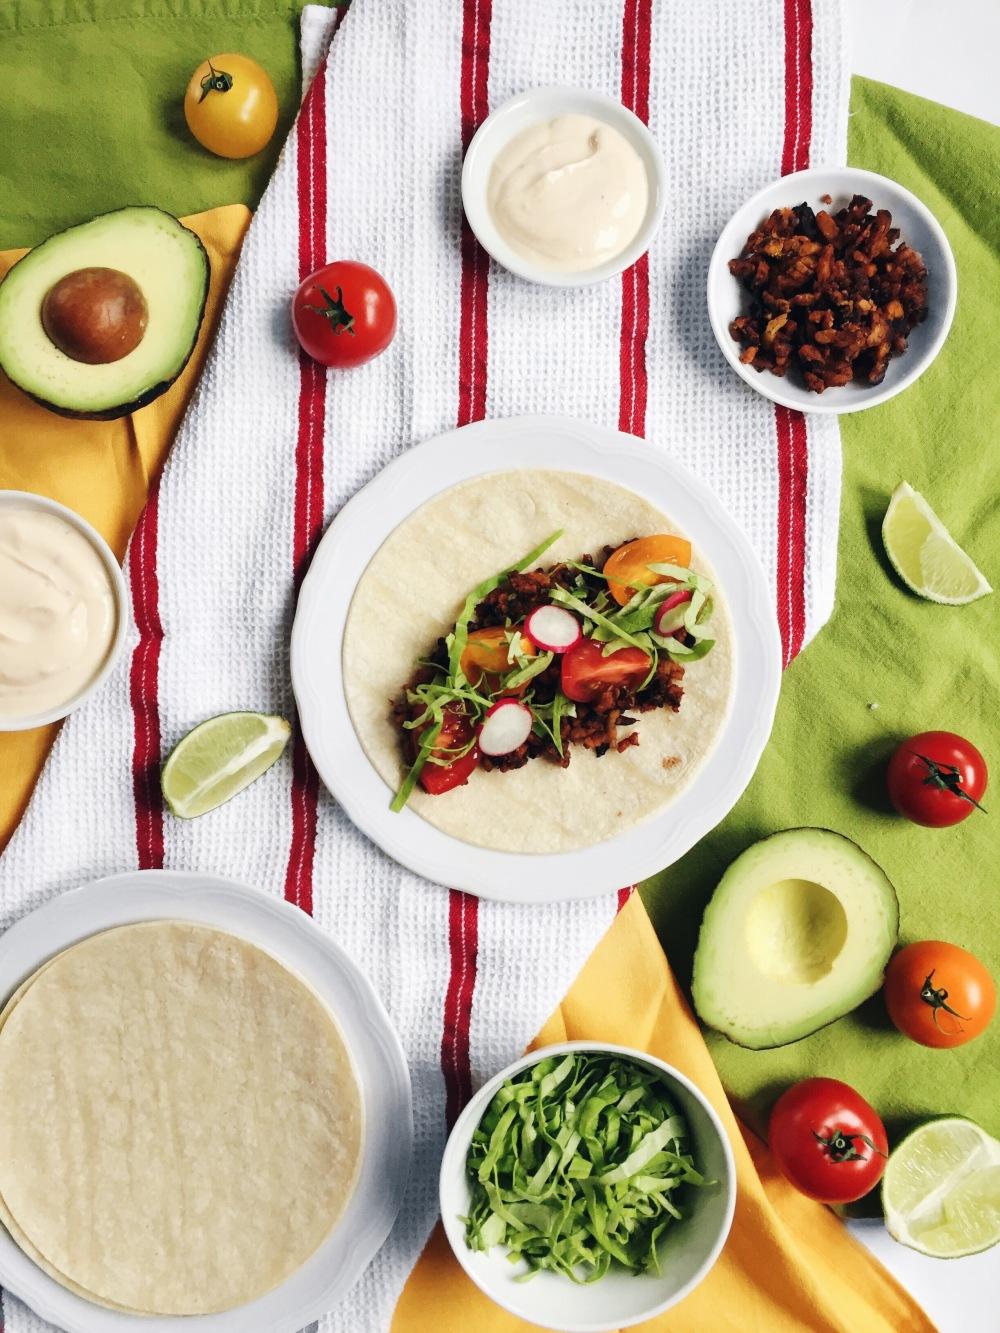 Tacos végane au tempeh épicé, aux tomates, avocats, laitue, coriandre et végénaise